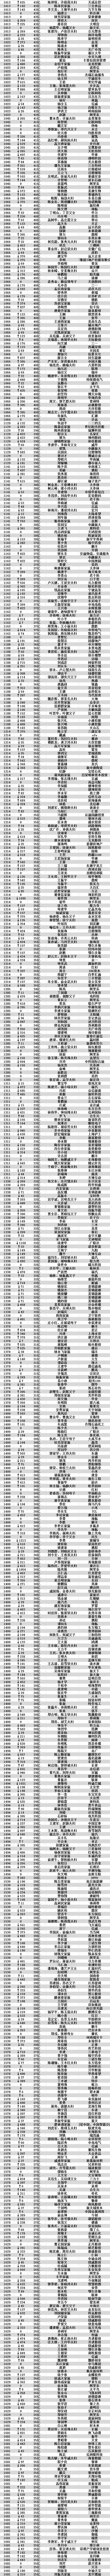 胡润中国富豪榜全名单:他们是中国最有钱的2000个人 - 小美 - xing1969wuw的博客